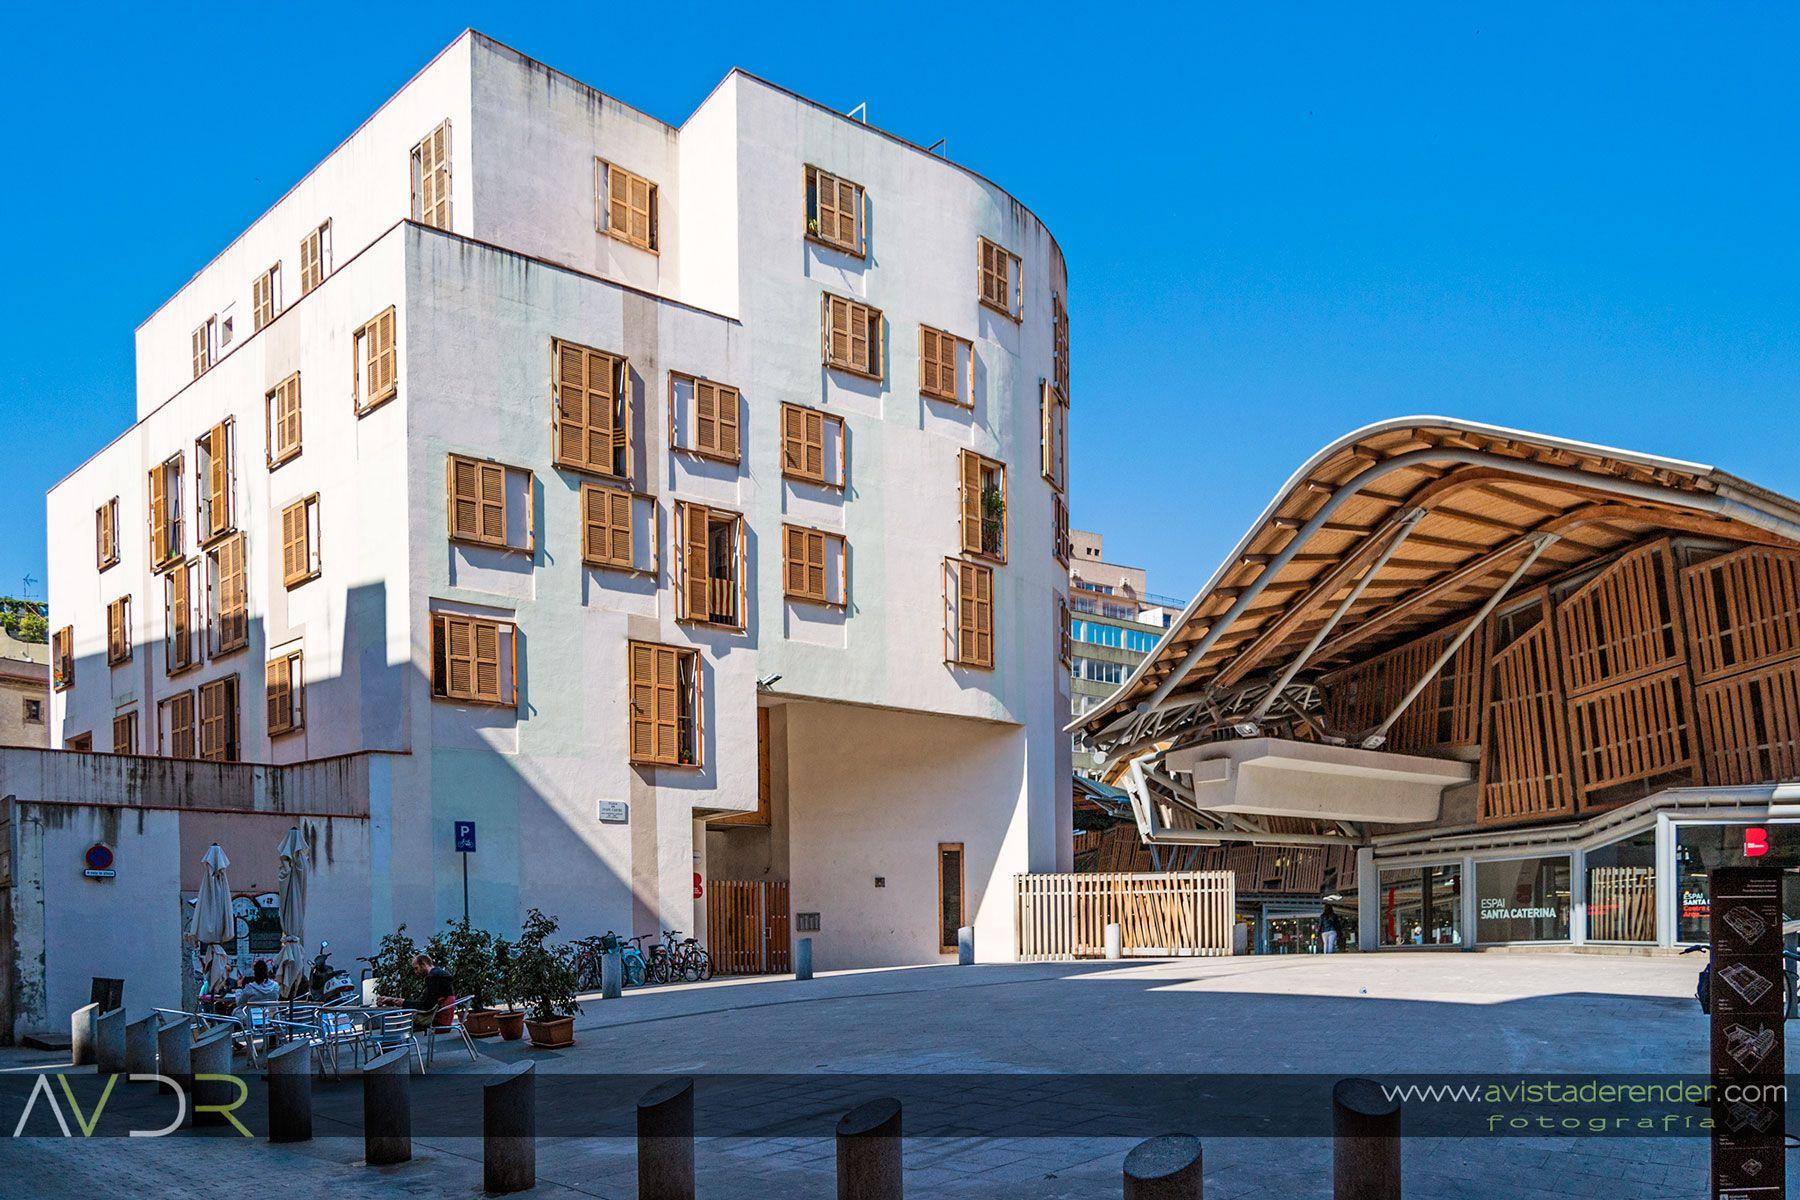 Mercat De Santa Caterina Y Viviendas Sociales Para Gente Mayor